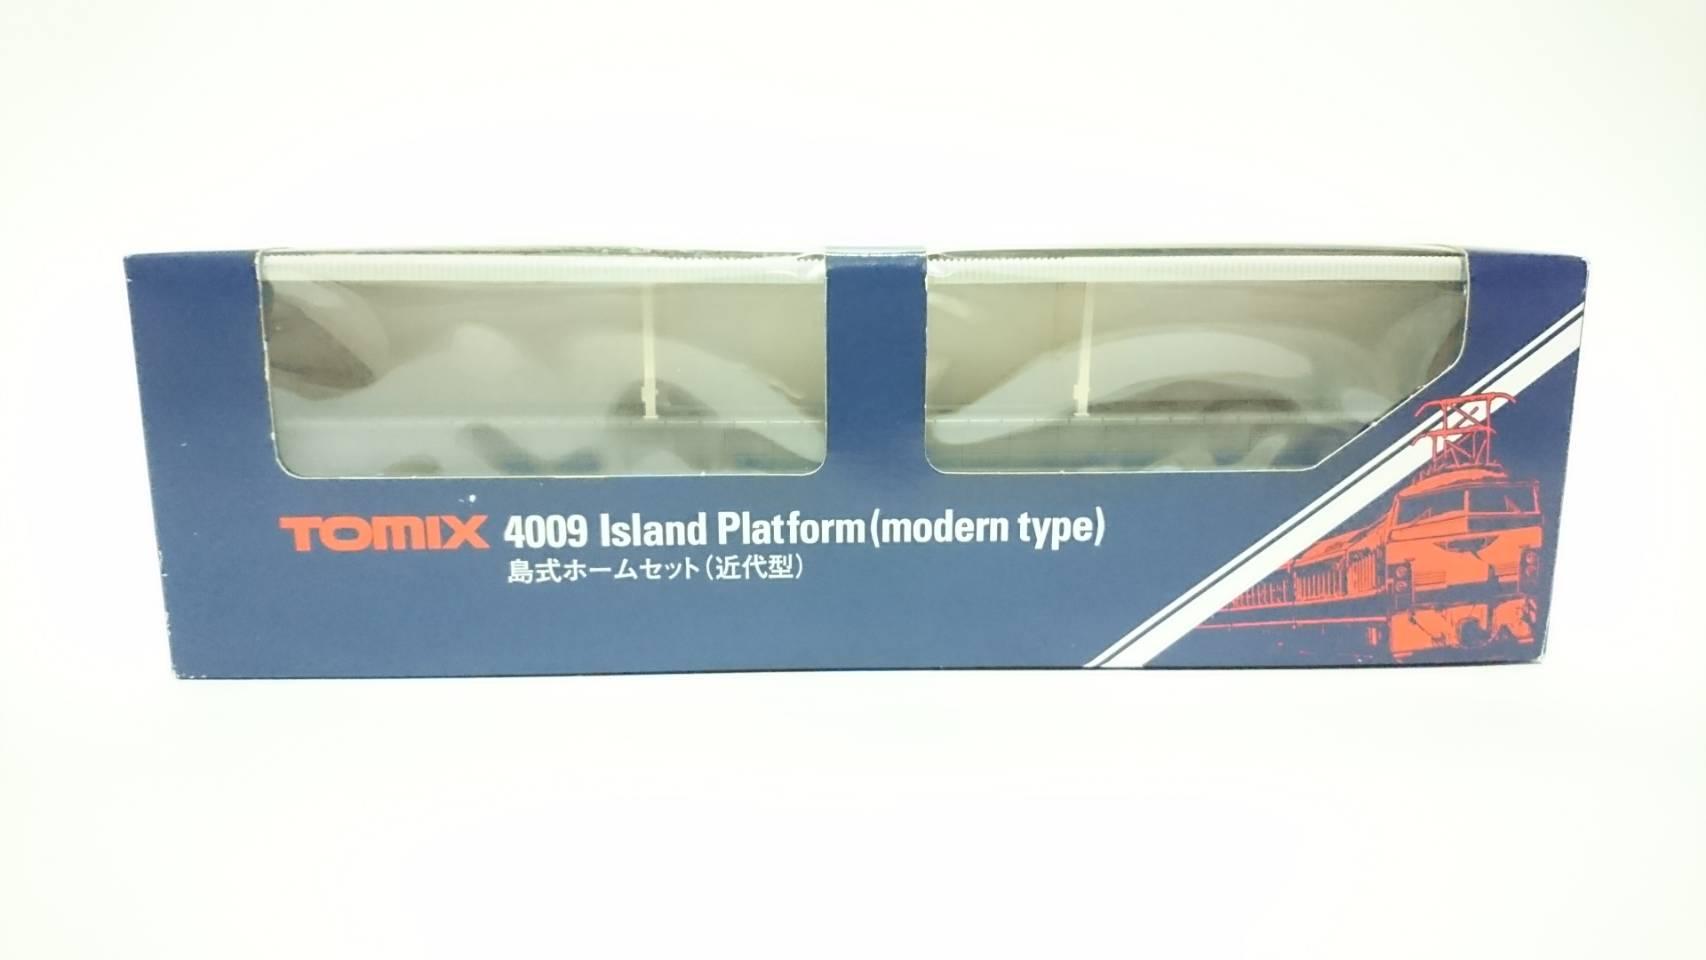 สถานีรถไฟ Tomix 4010 Platform island type recent model (ส่วนต่อขยาย) - N Scale